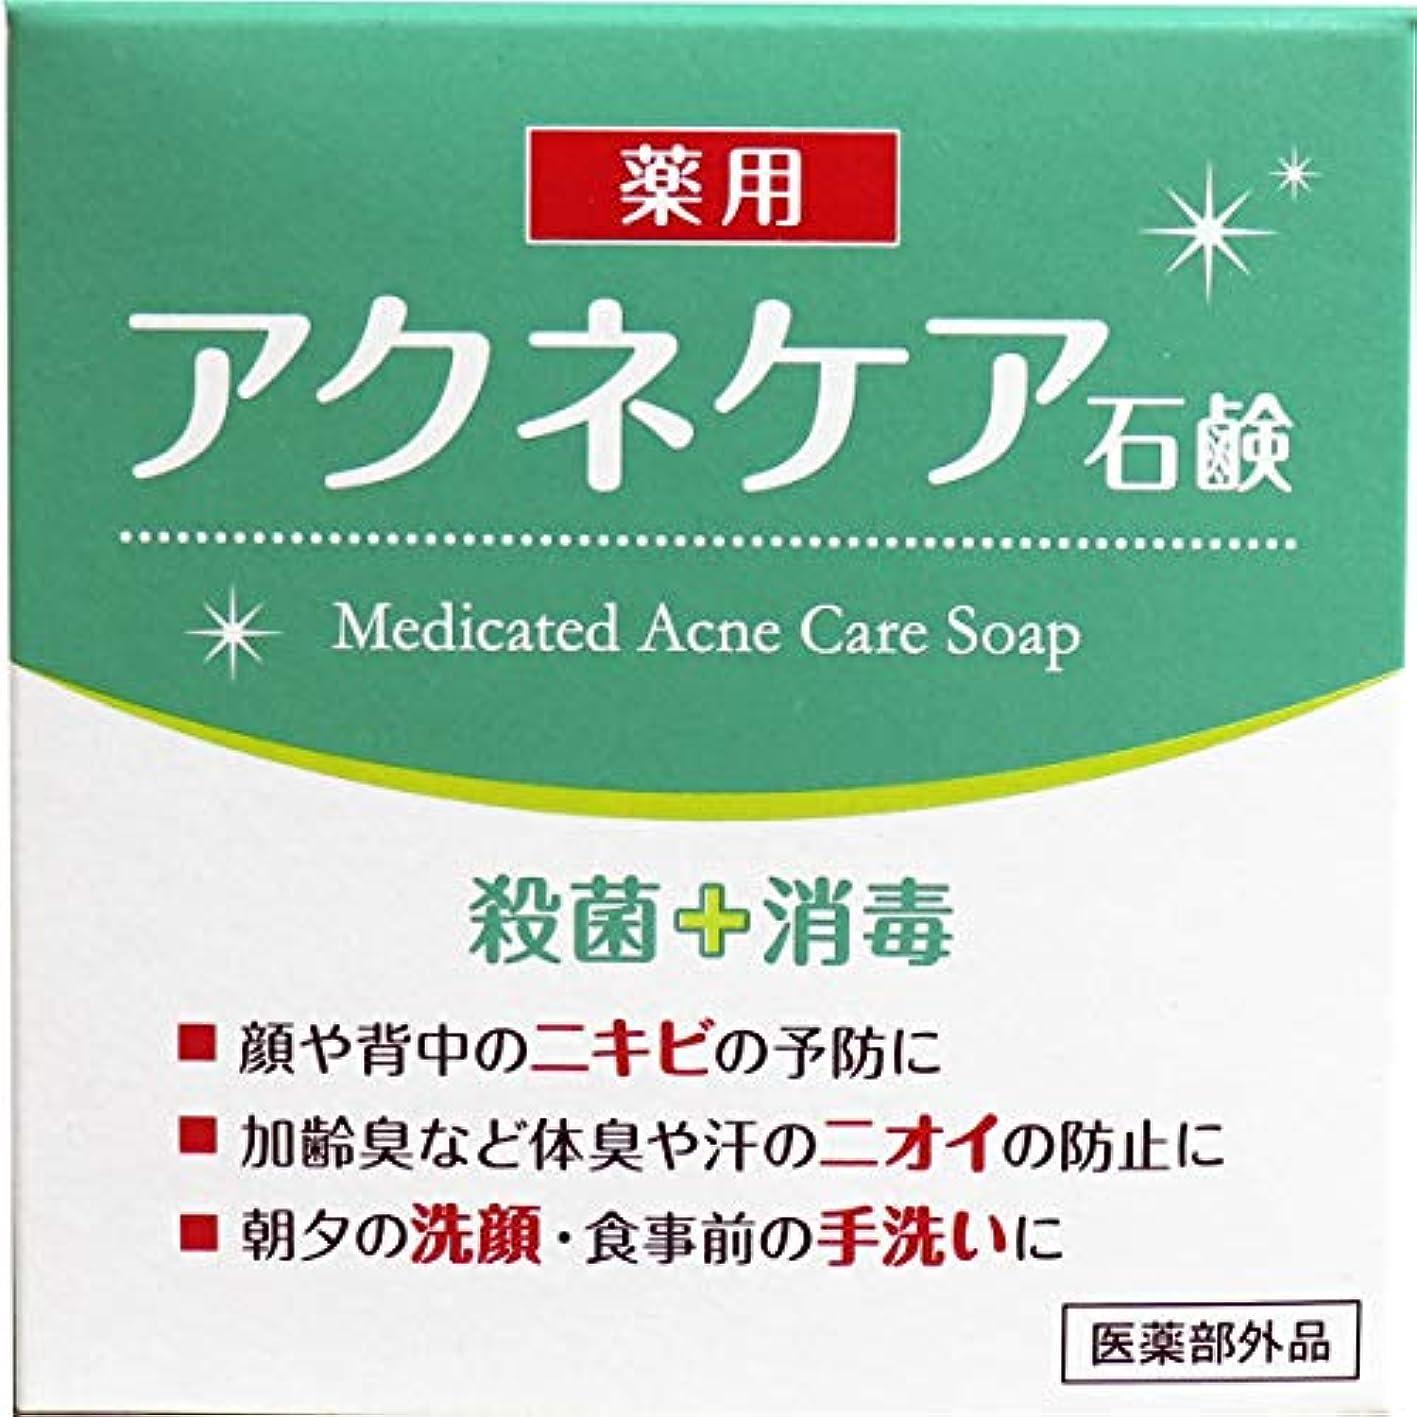 活性化する専門できないクロバーコーポレーション 薬用 アクネケア 石けん 80g E540405H